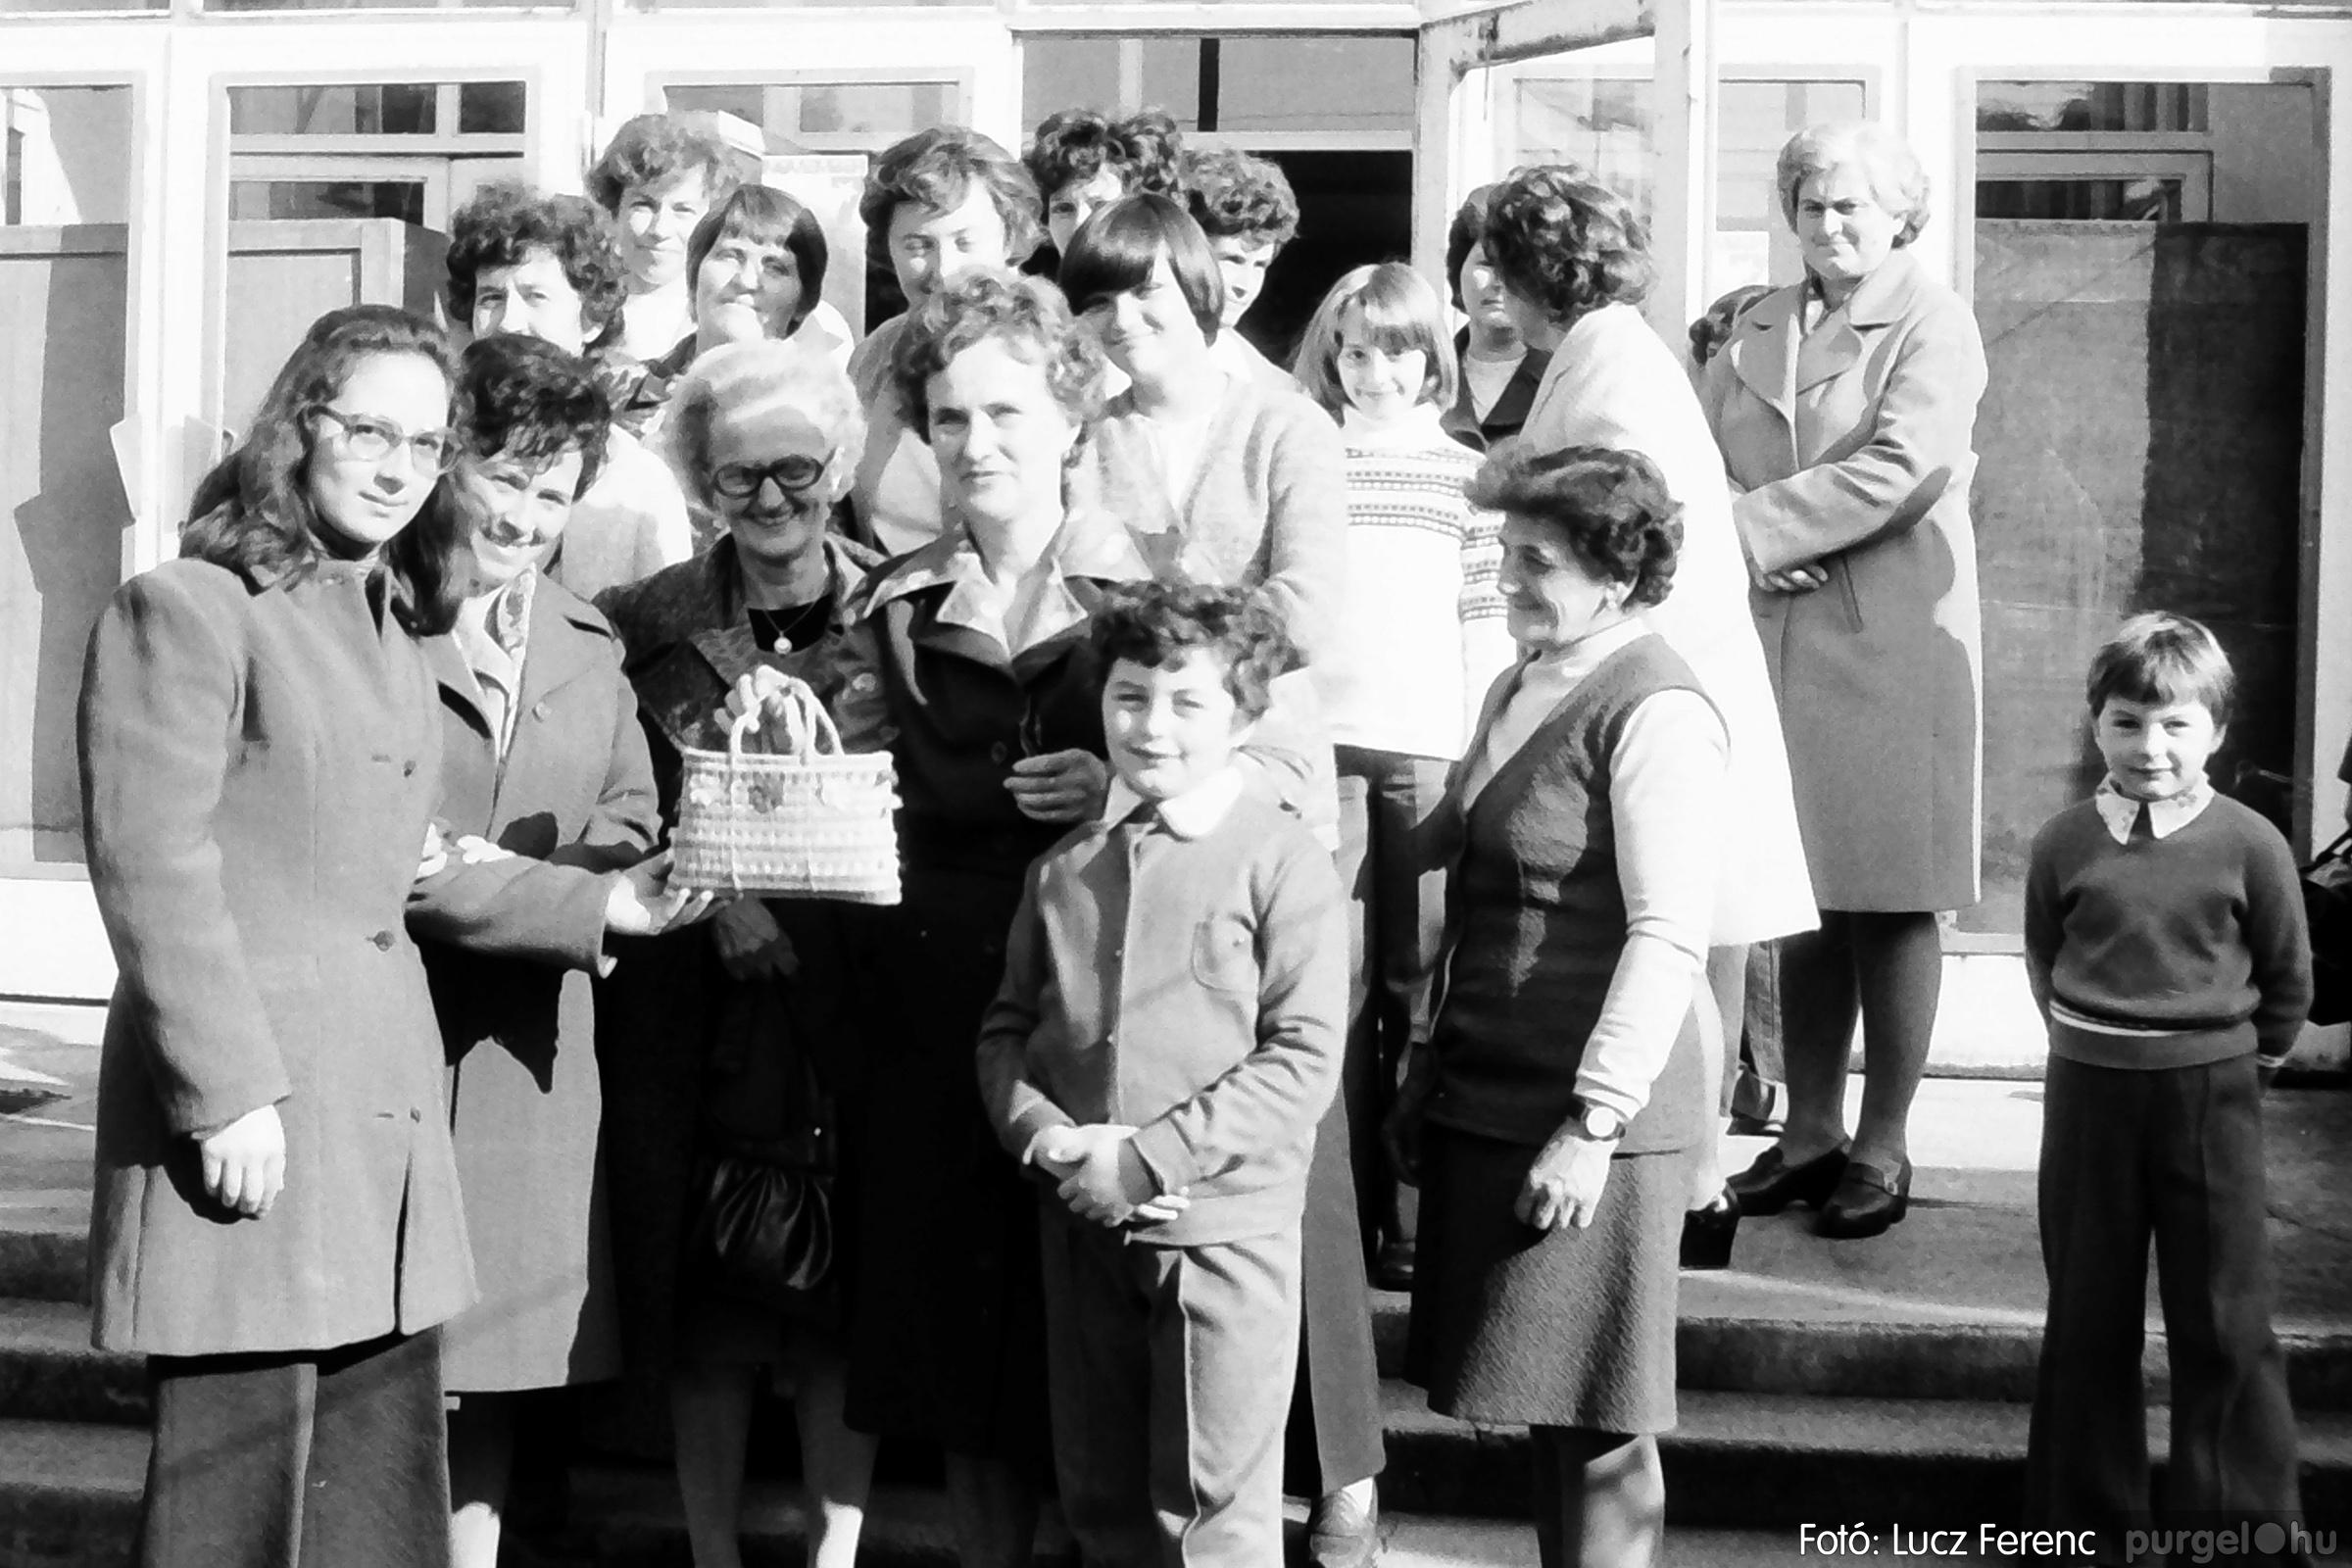 093. 1977. A szegvári és a tápéi kézimunka szakkör találkozója 003. - Fotó: Lucz Ferenc.jpg